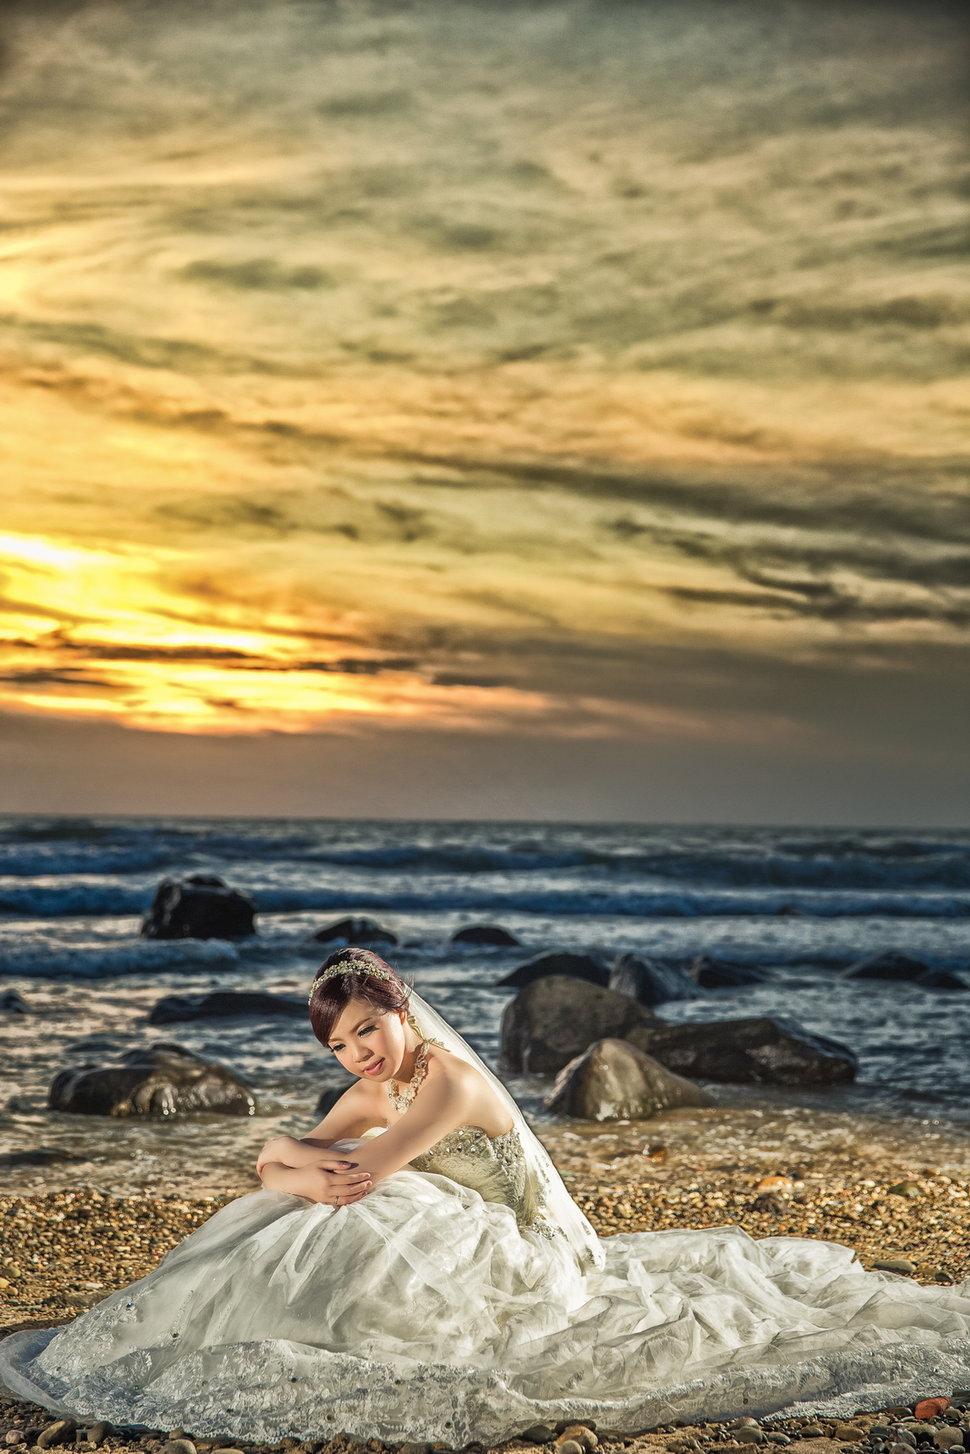 自助婚紗-淡水教堂-婚攝阿卜(編號:433927) - 阿卜的攝影工作室 - 結婚吧